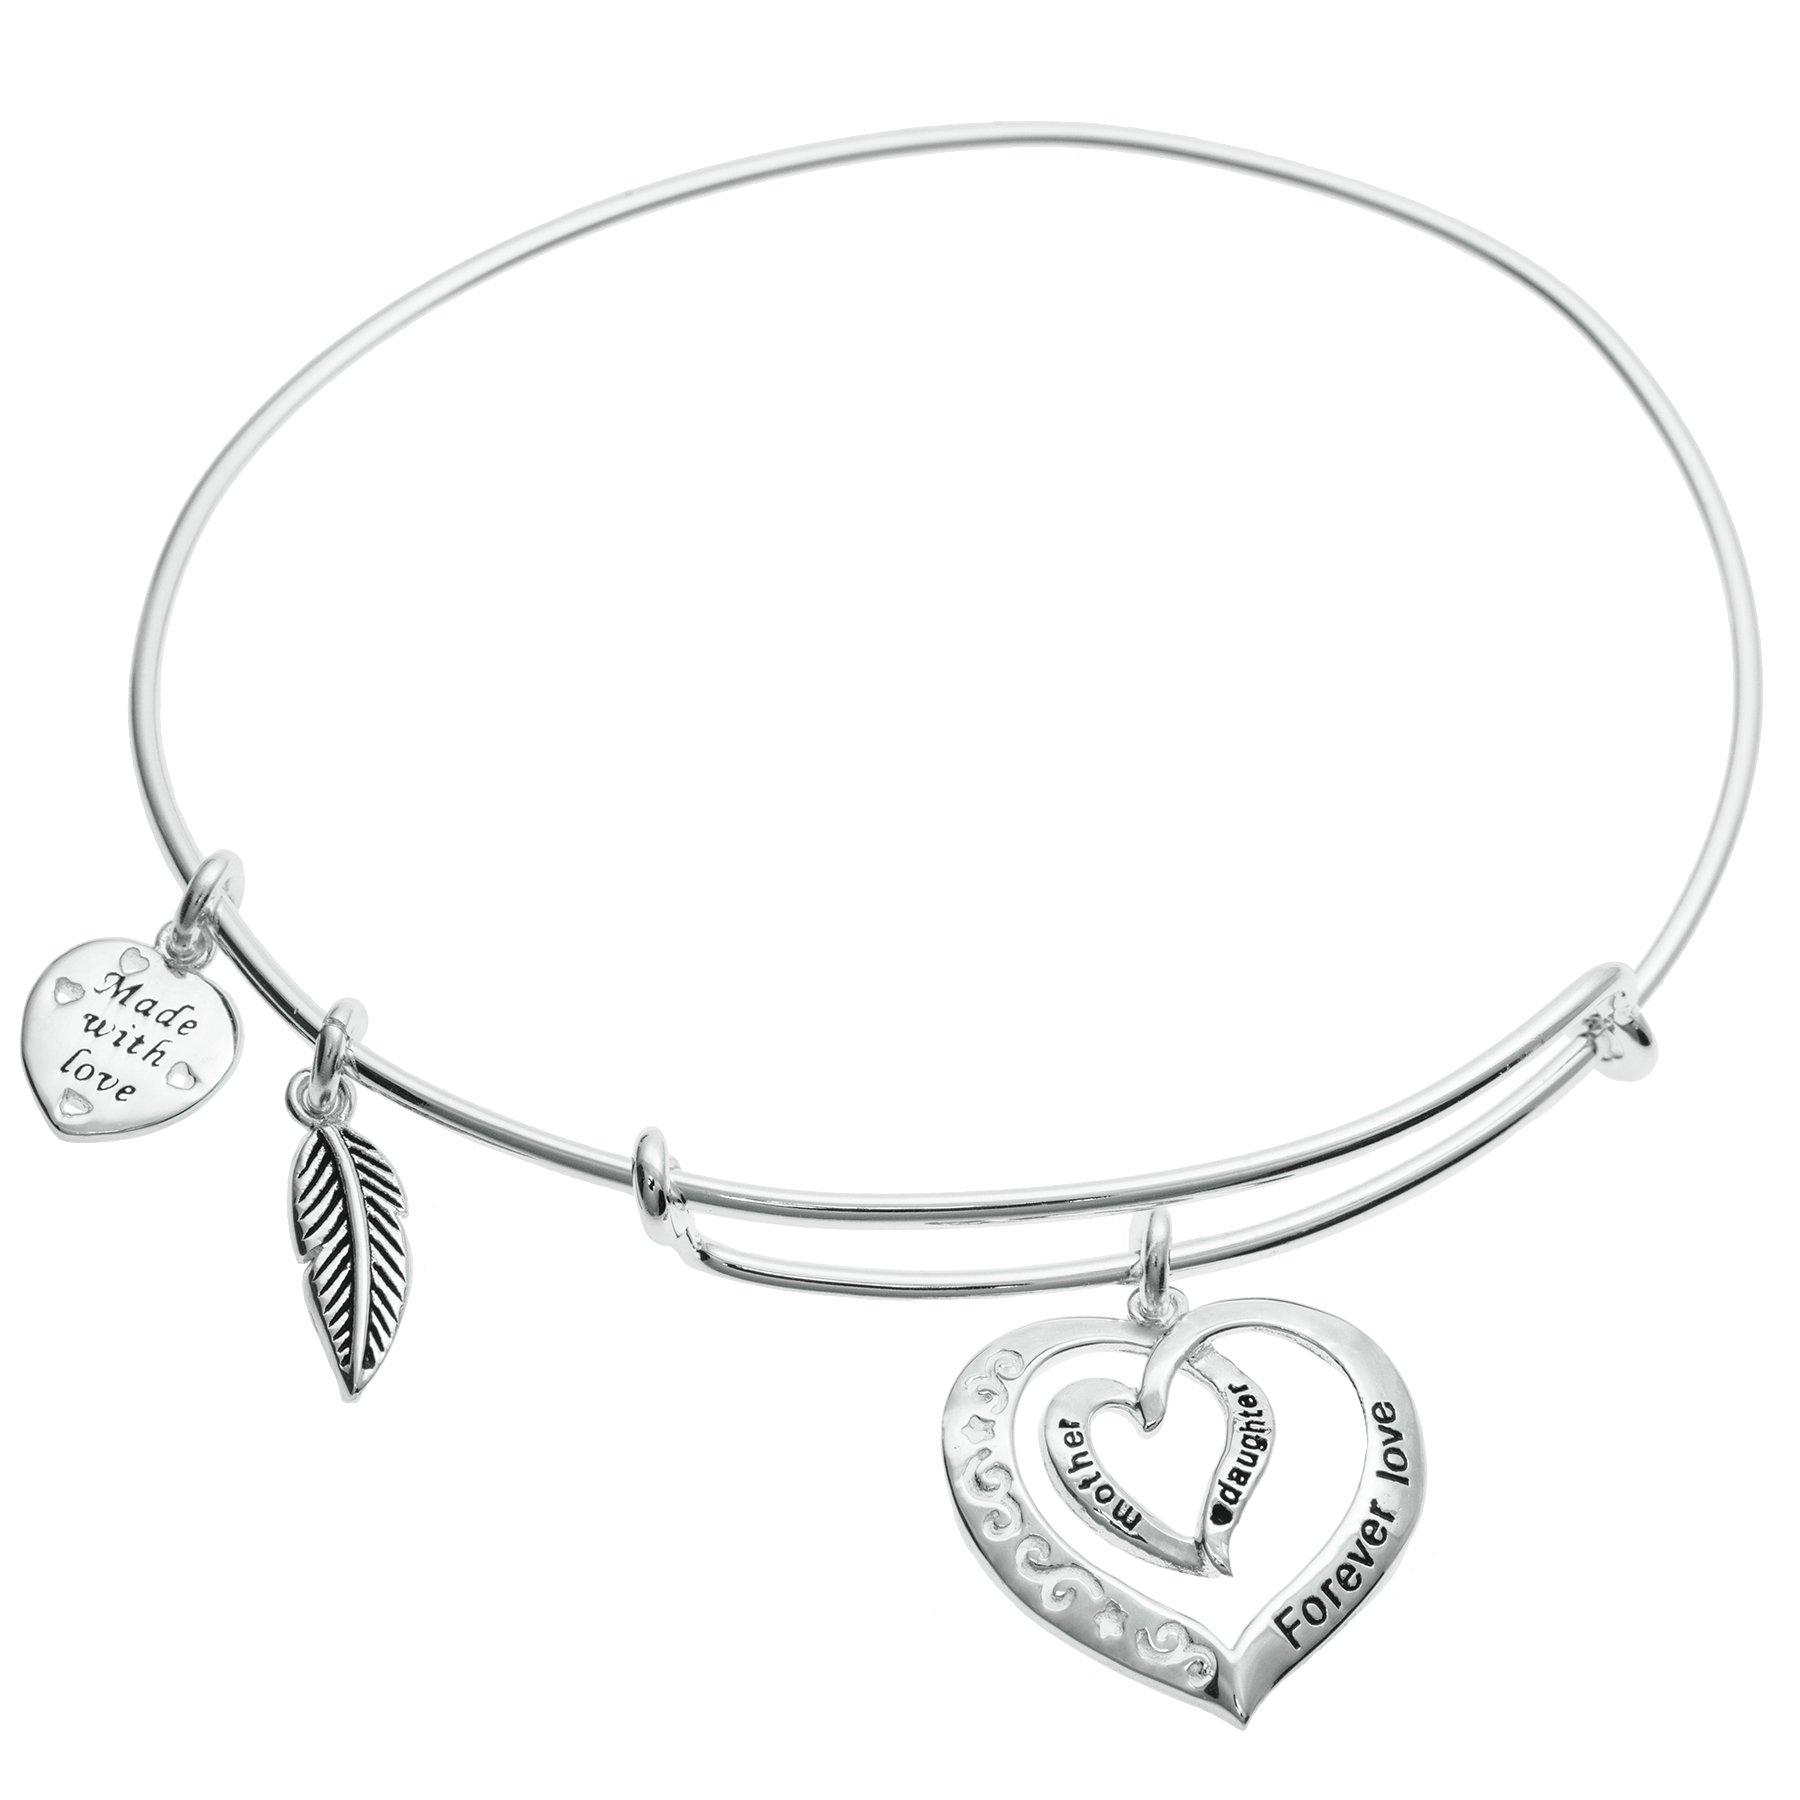 Qina C Sterling Silver Mother Daughter Forever Love Heart Leaf Dangle Charm Adjustable Wire Bangle Bracelet